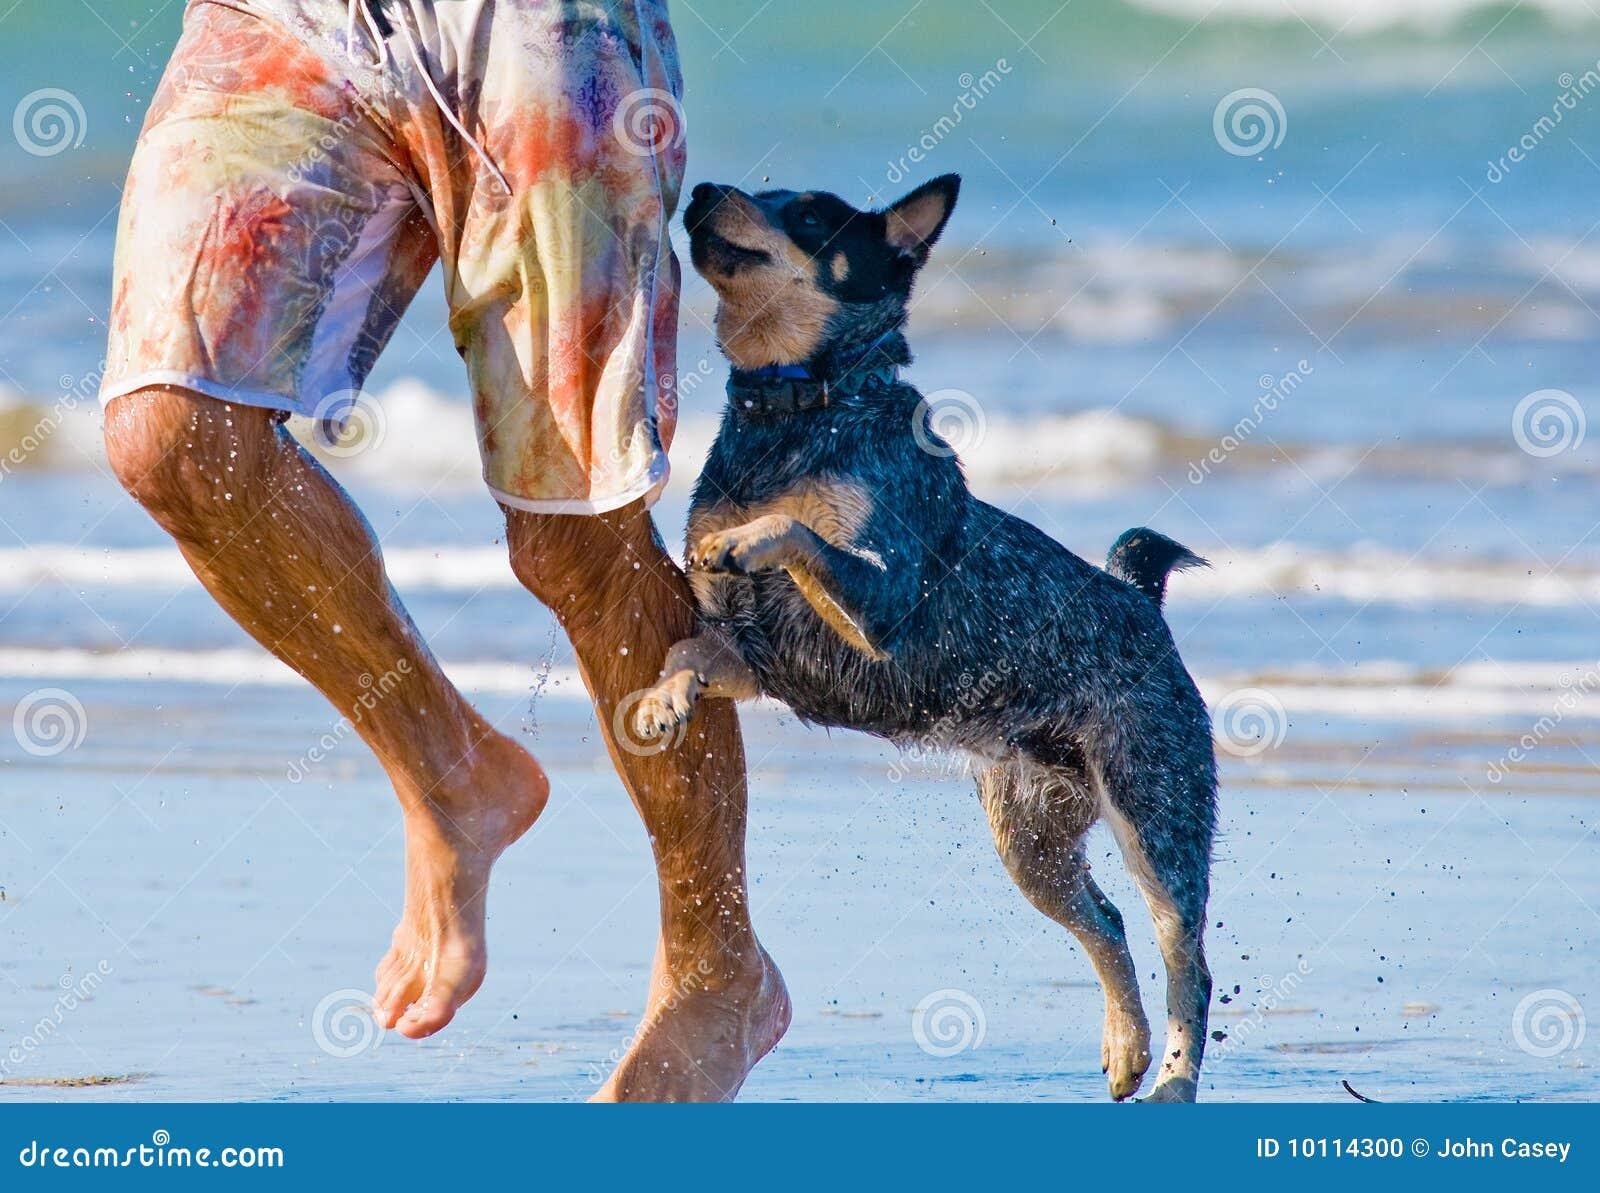 Dog Man Star - Wikipedia